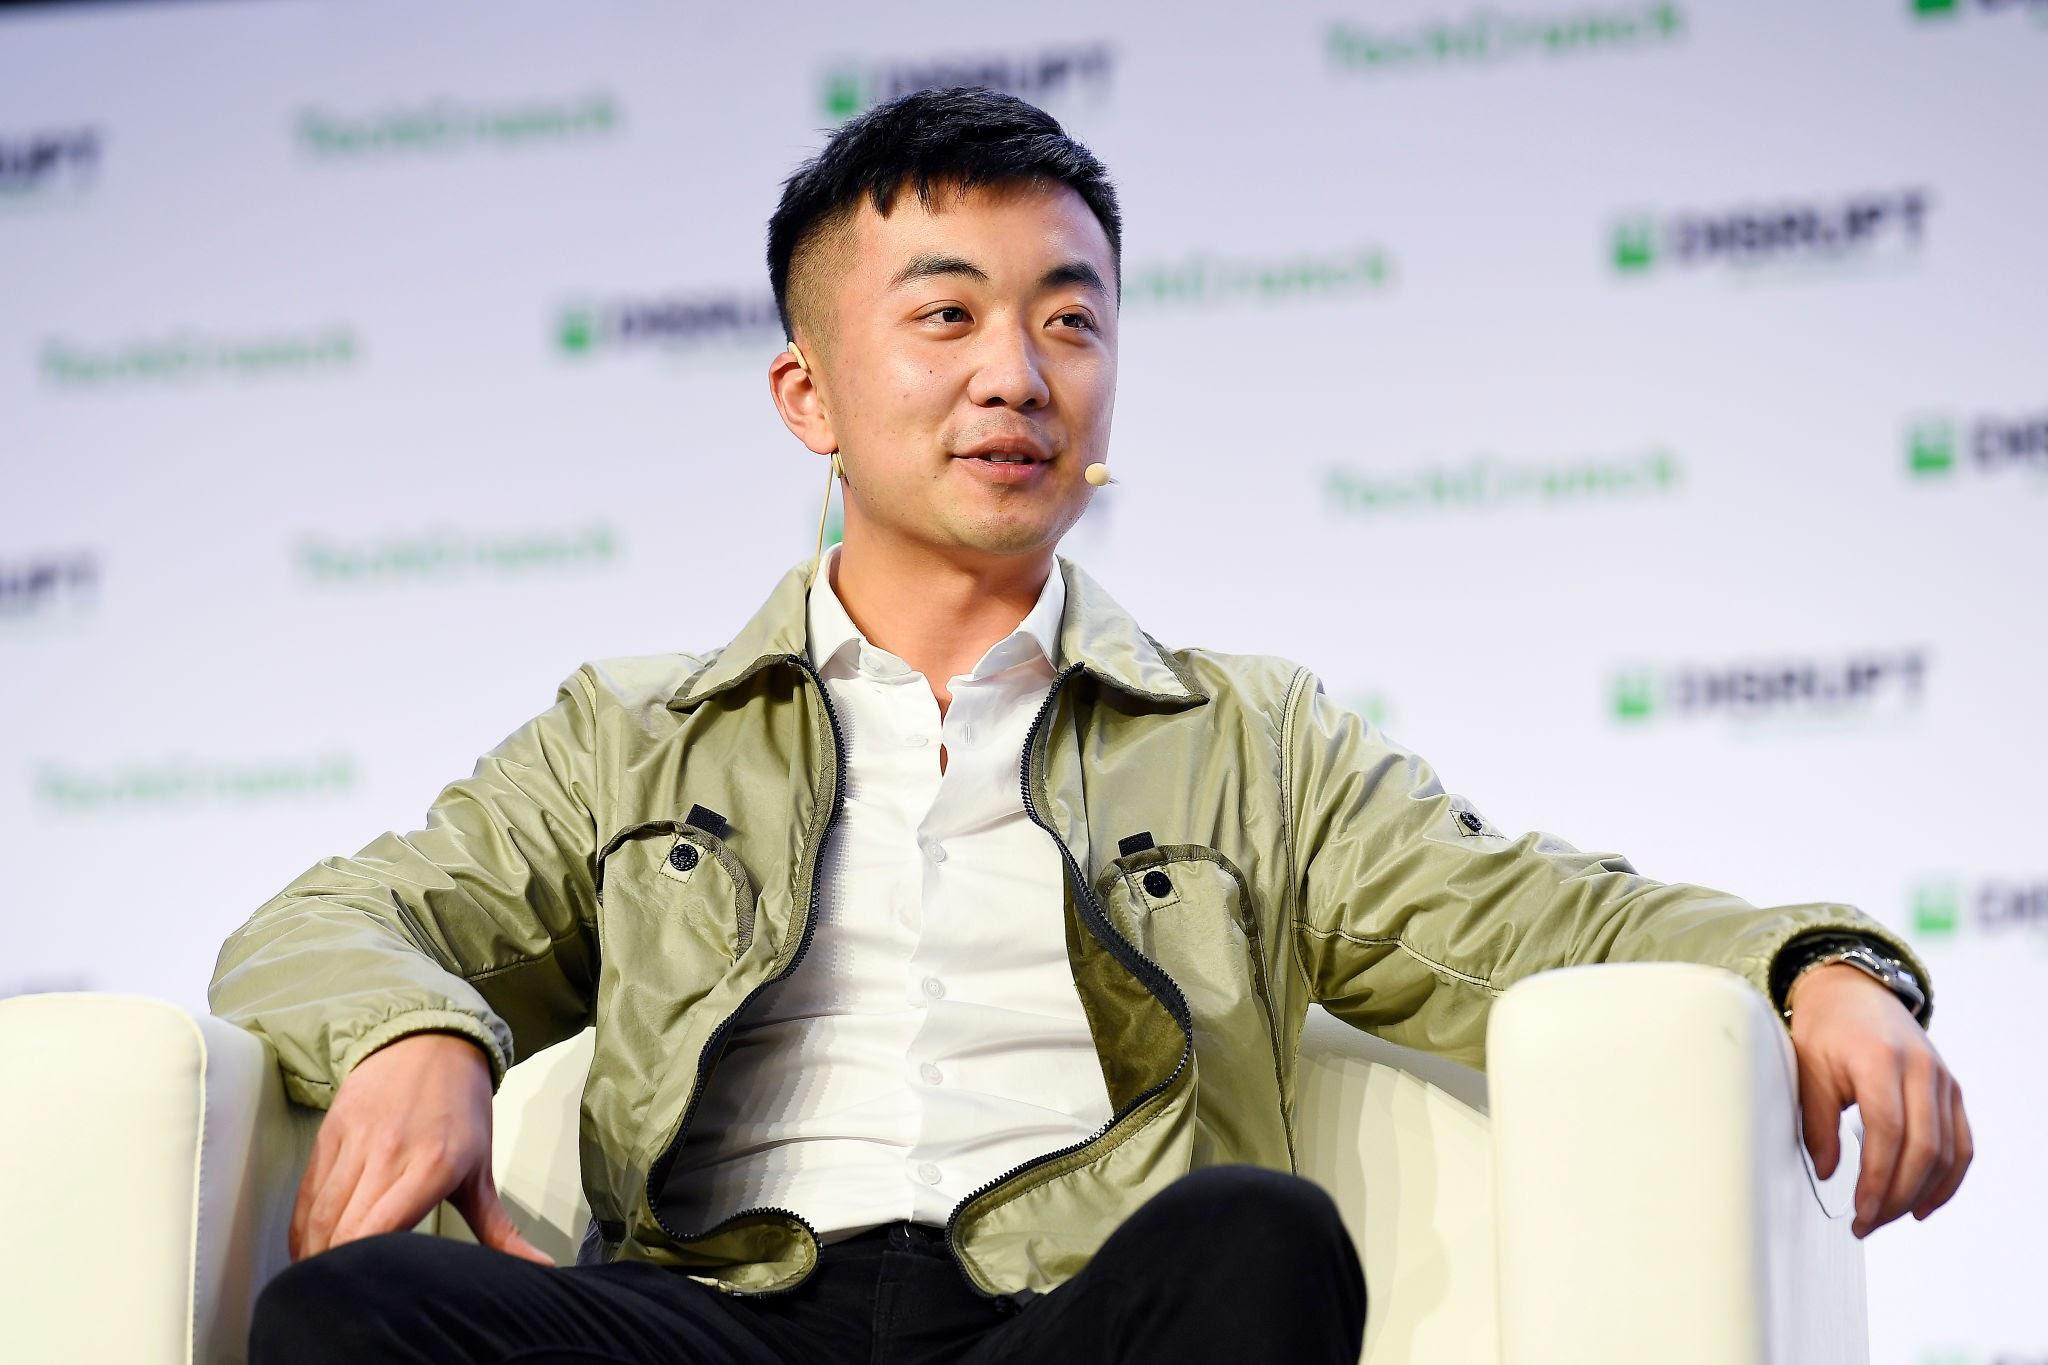 Сооснователь OnePlus Карл Пей собрал $7 млн на свой новый проект: среди инвесторов есть изобретатель iPod, соучредитель Twitch и популярный YouTube-блогер